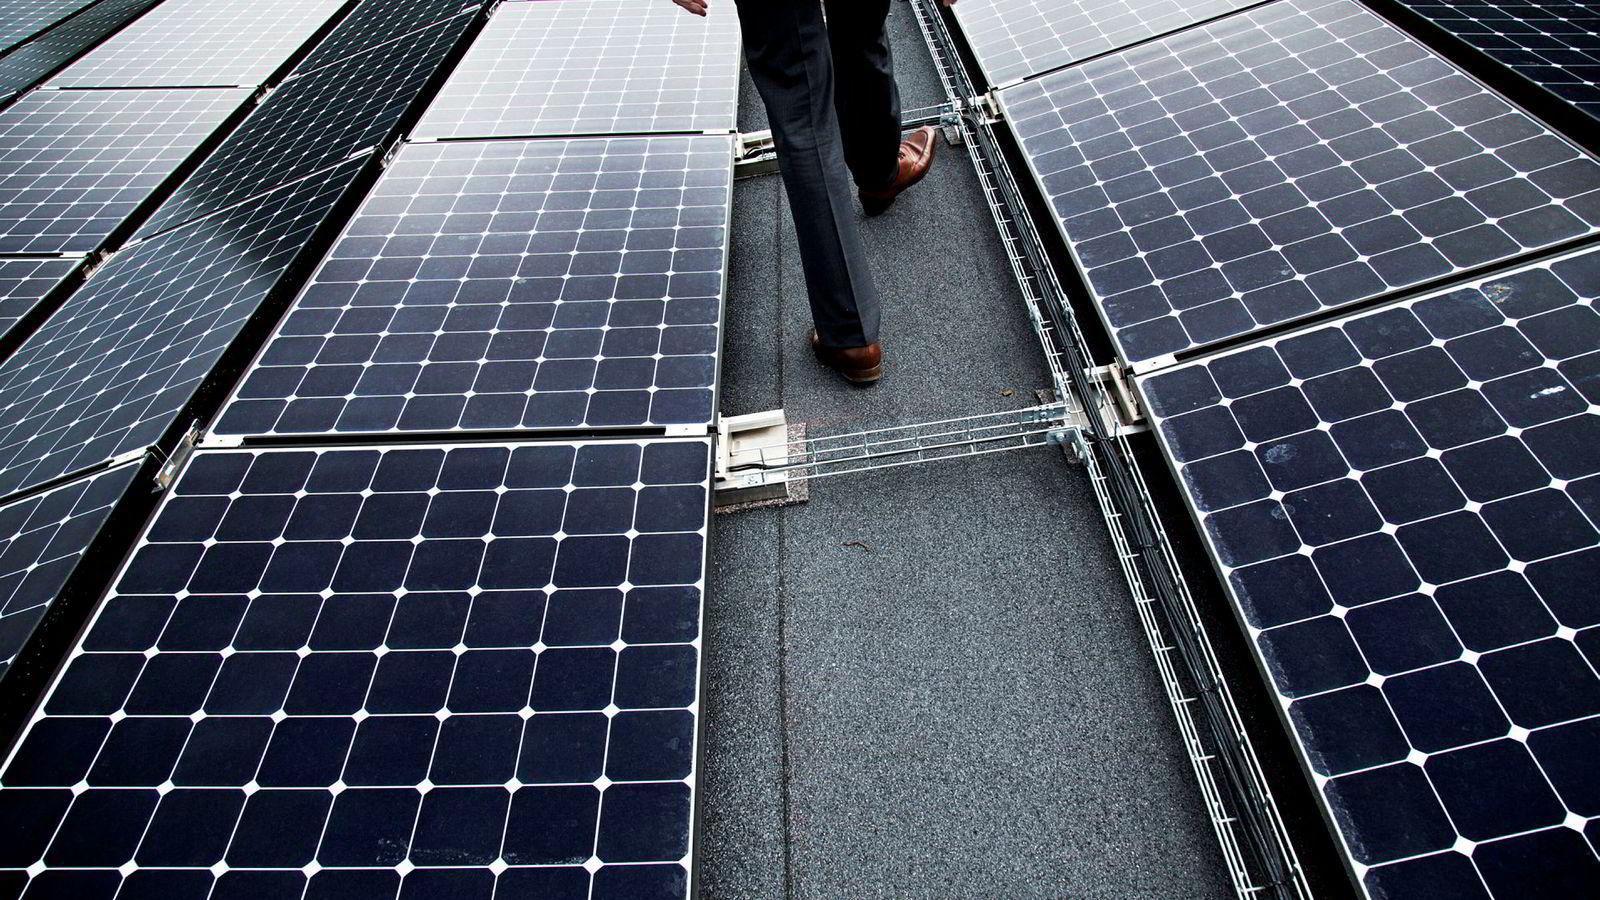 Ved å sende strøm inn i solcellene kan man smelte snø og erstatte dyr, manuell snømåking.